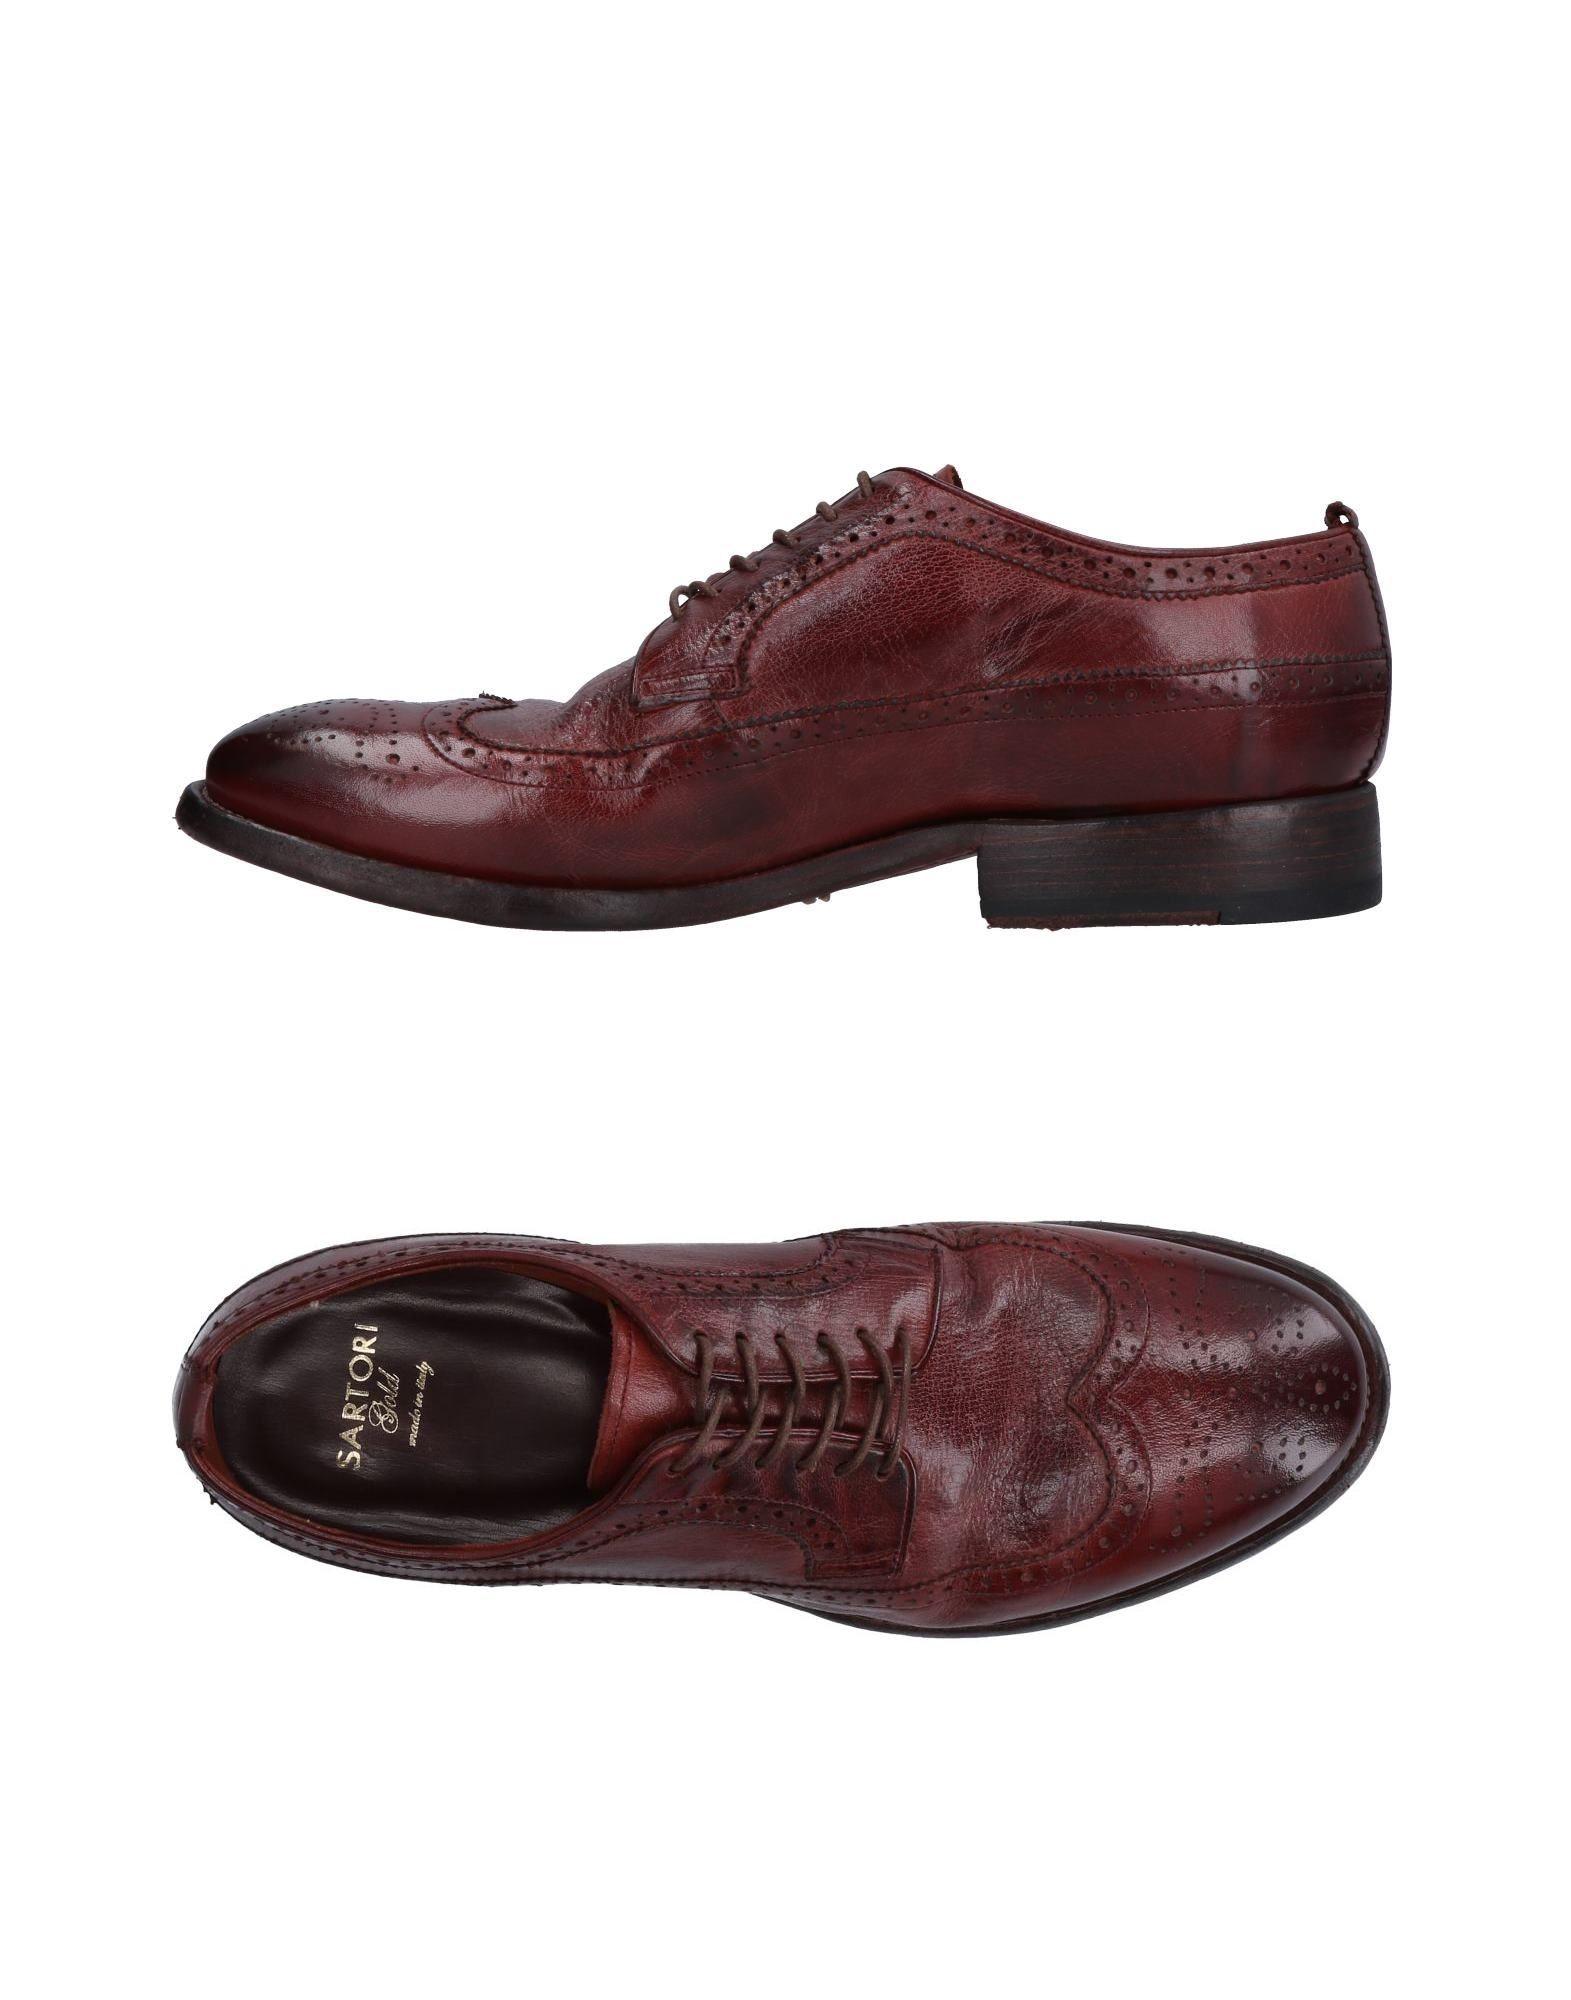 Sartori Gold Schnürschuhe Herren  11508255WR Gute Qualität beliebte Schuhe